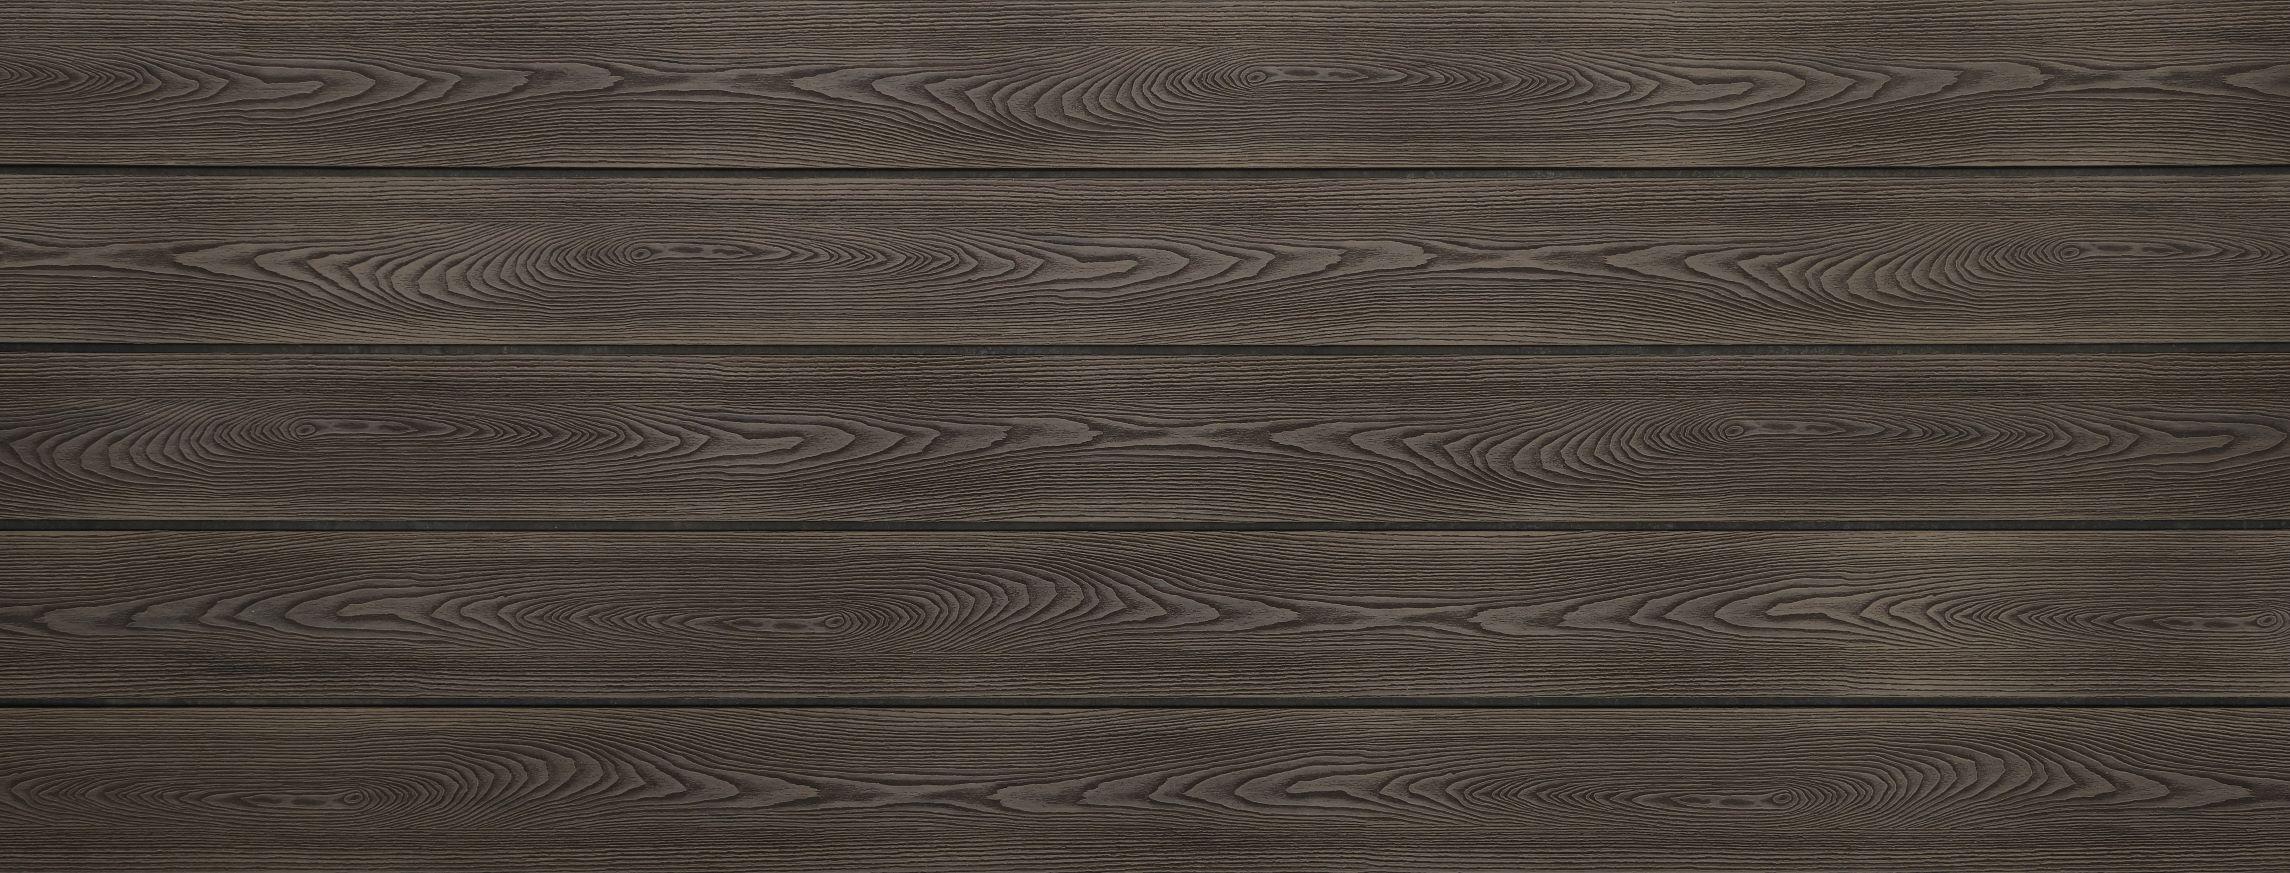 WPC Terrasse massiv, bicolor Thermoesche, Oberfläche mit Struktur in Holzoptik, 22 x 143 bis 4800 mm, Vollprofil, 8,40 €/lfm